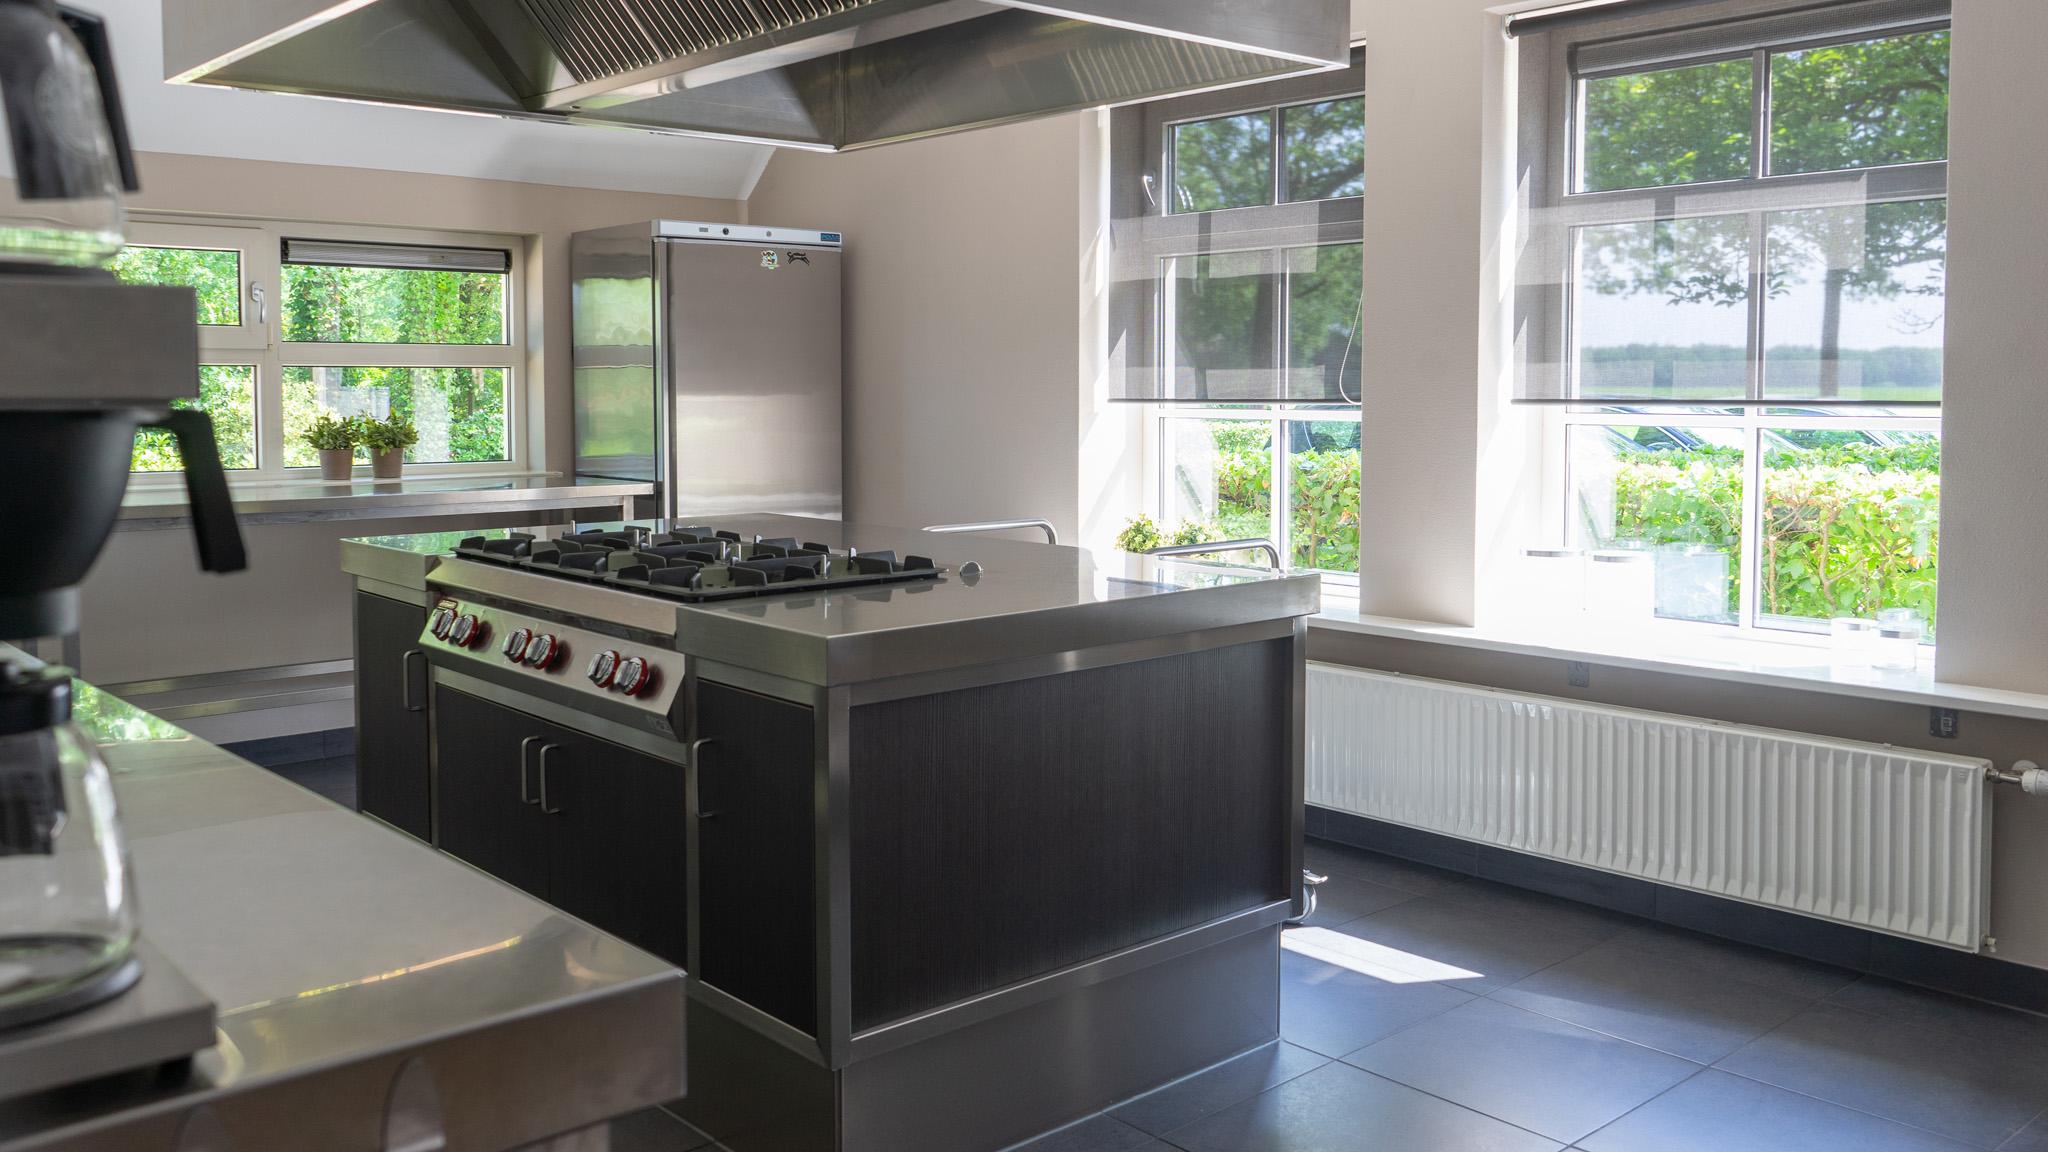 keuken Groepsaccommodatie drenthe Orvelter hof 4